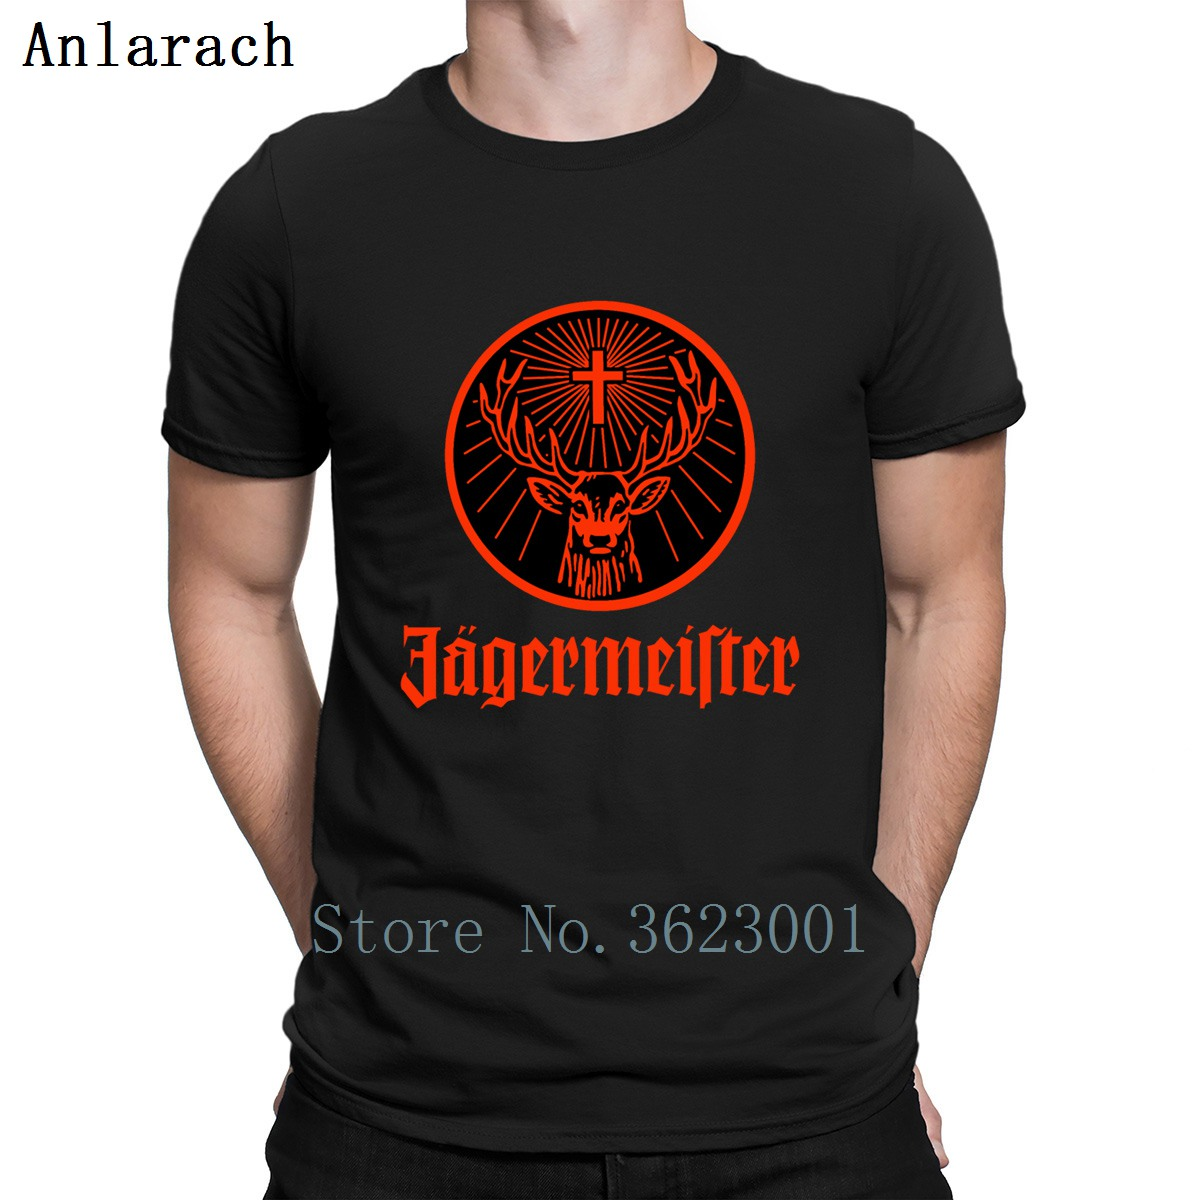 Jagermeister   T     Shirt   Cheap Popular Unique Create Tee   Shirt   S-3xl Men Tops Summer Style Fun